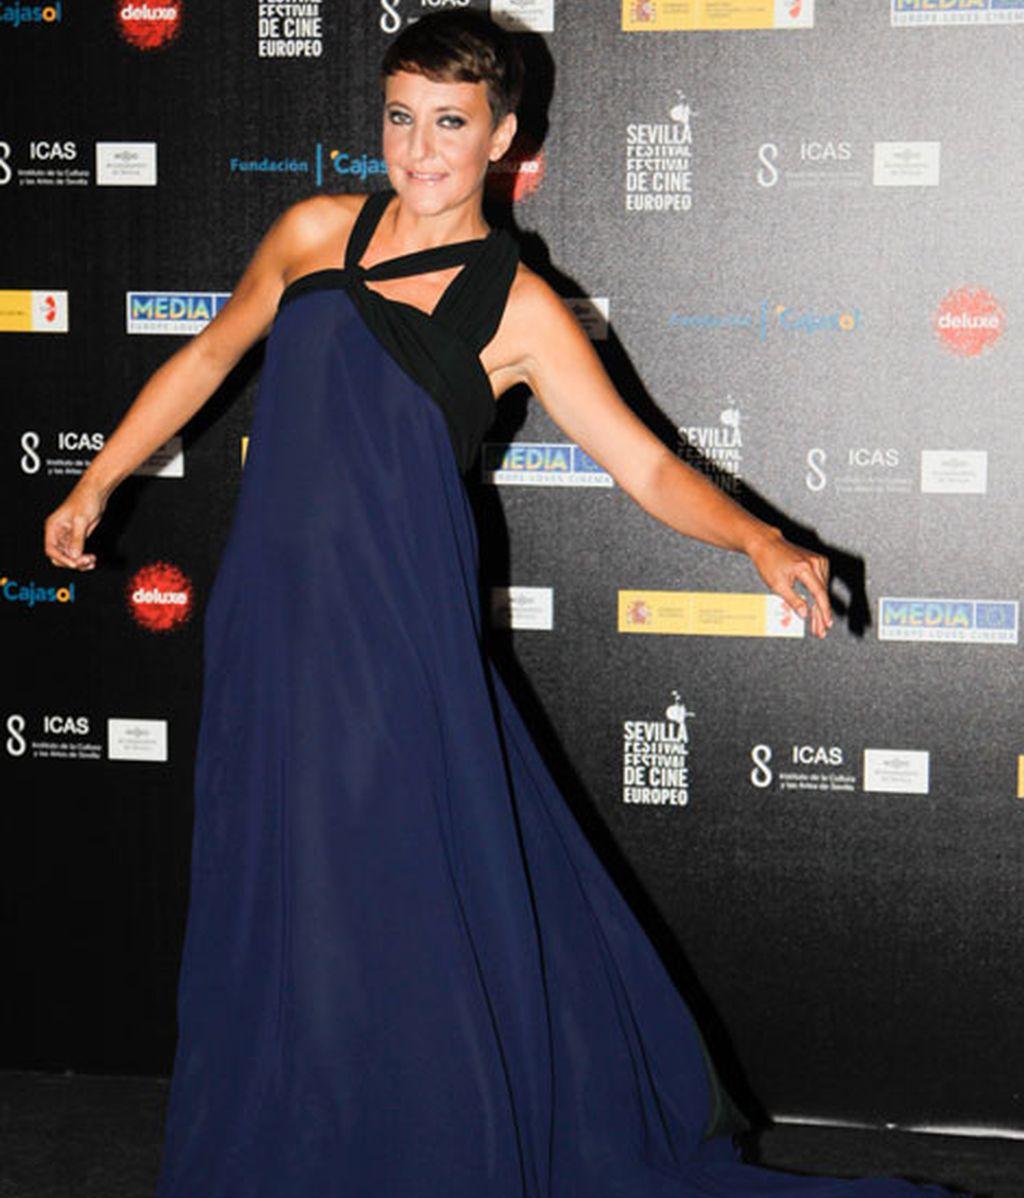 Eva Hache, con vestido de aire griego en tono azul y negro